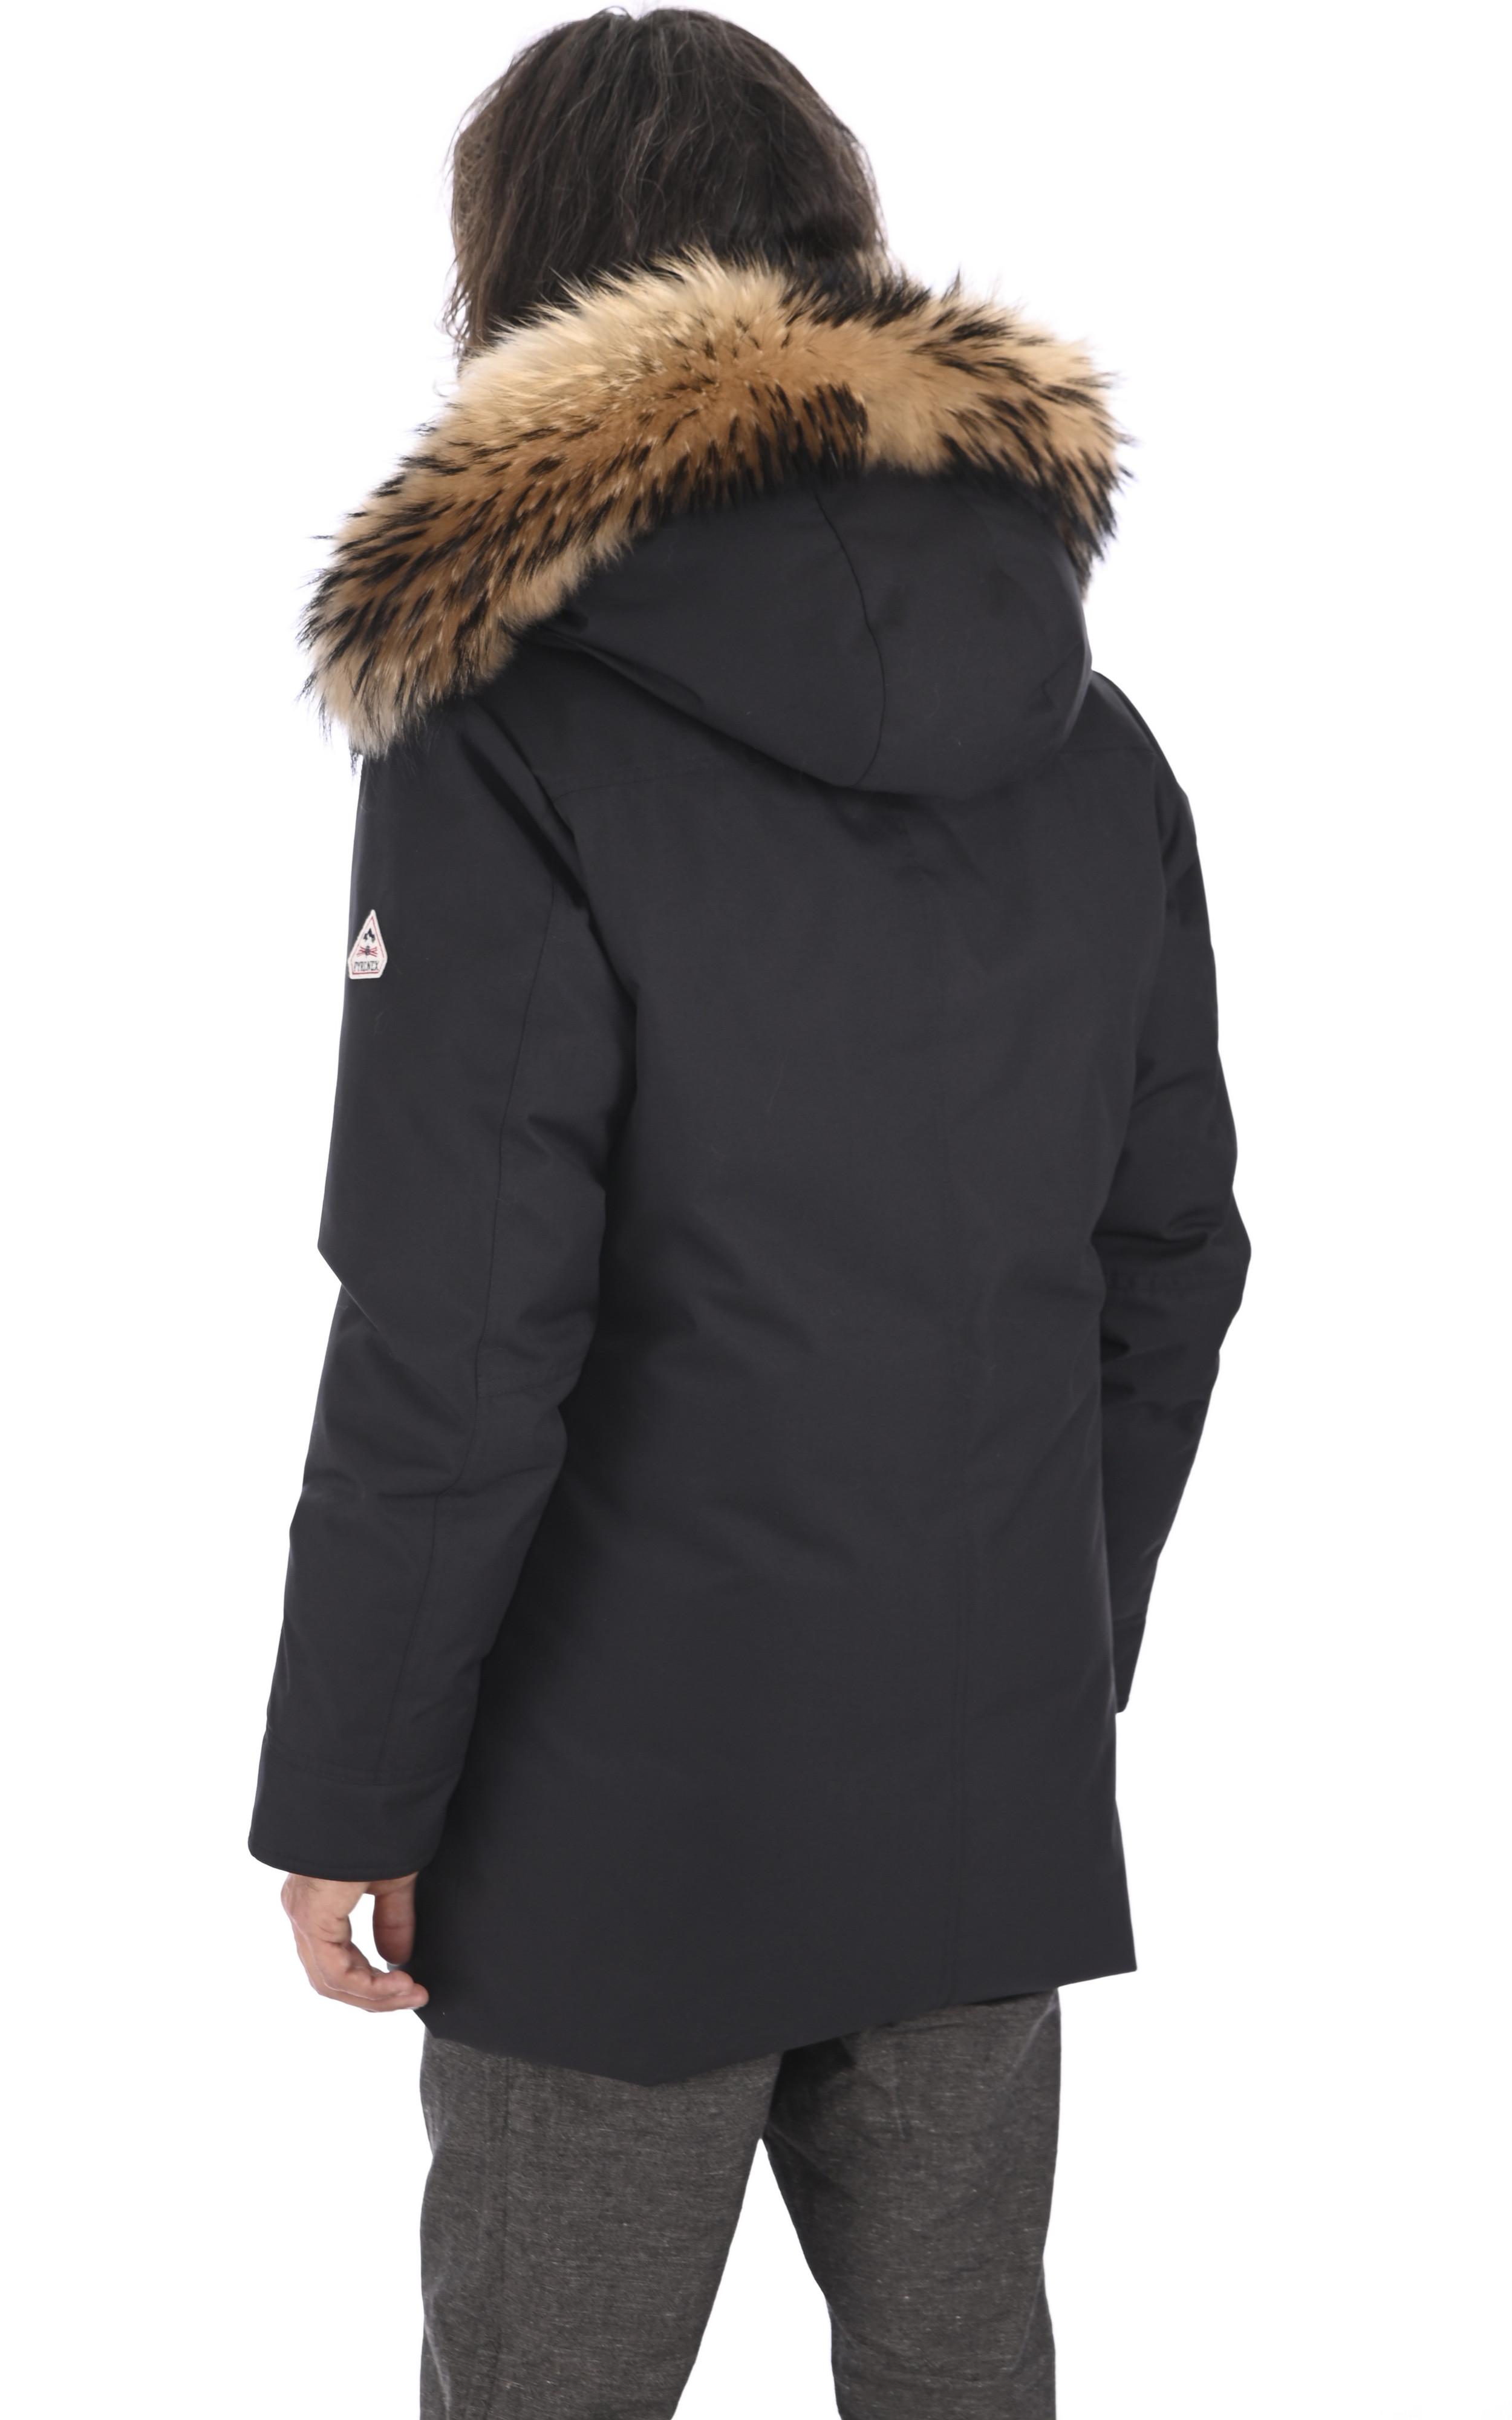 Parka Annecy noire Pyrenex